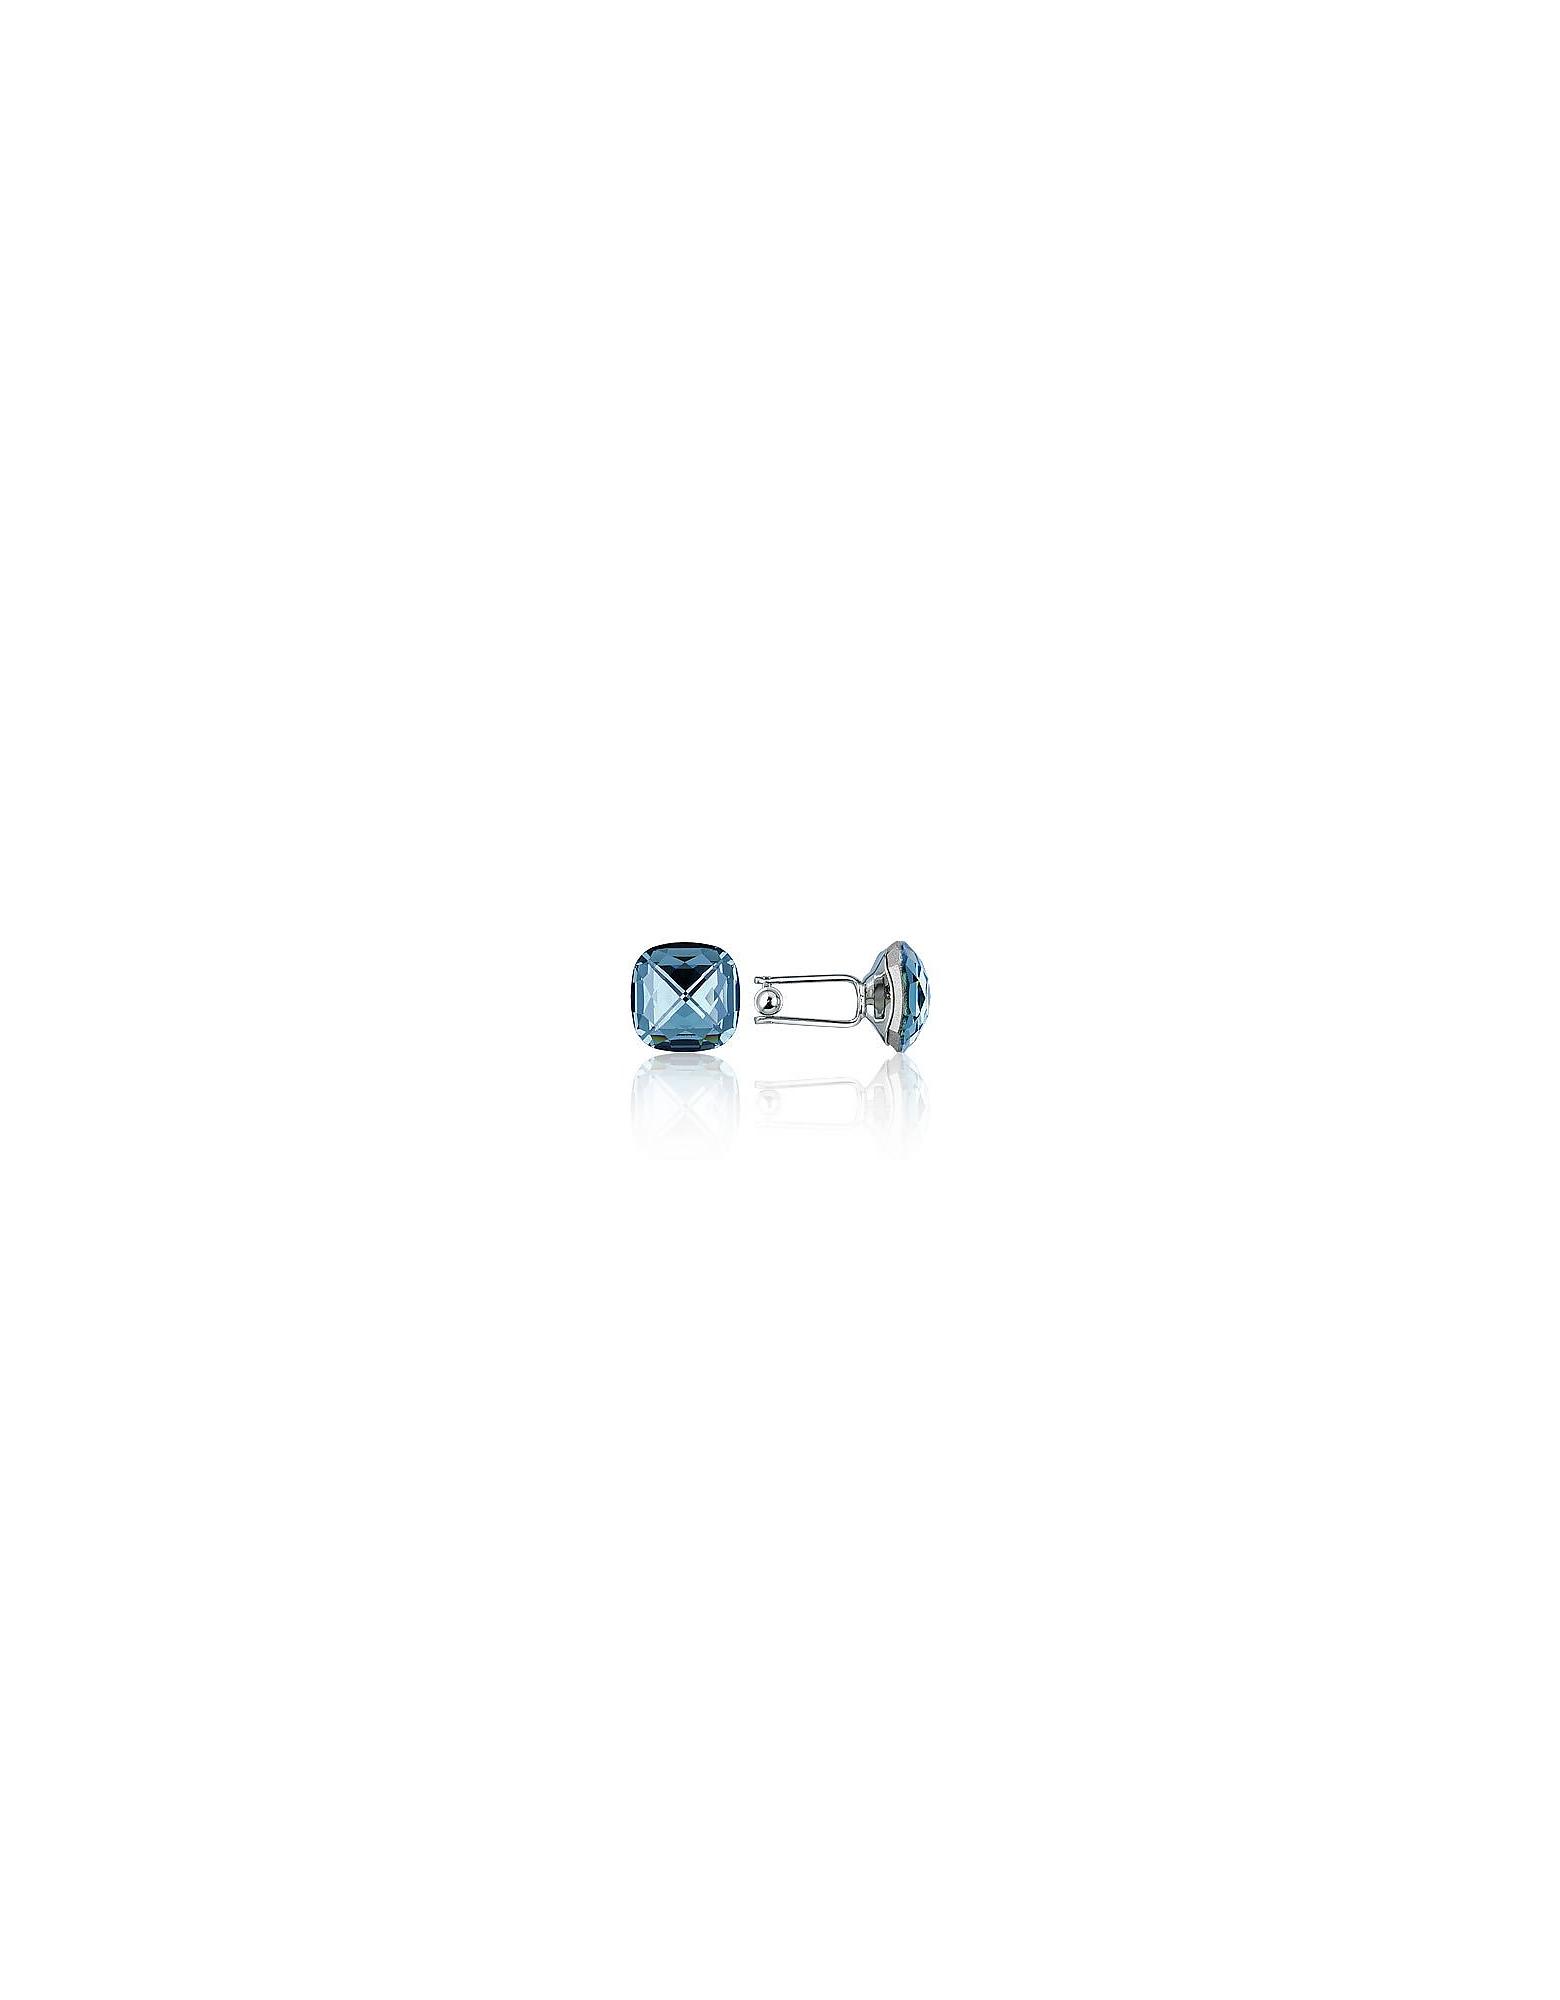 Forzieri Cufflinks, Crystal Silver-plated Cufflinks